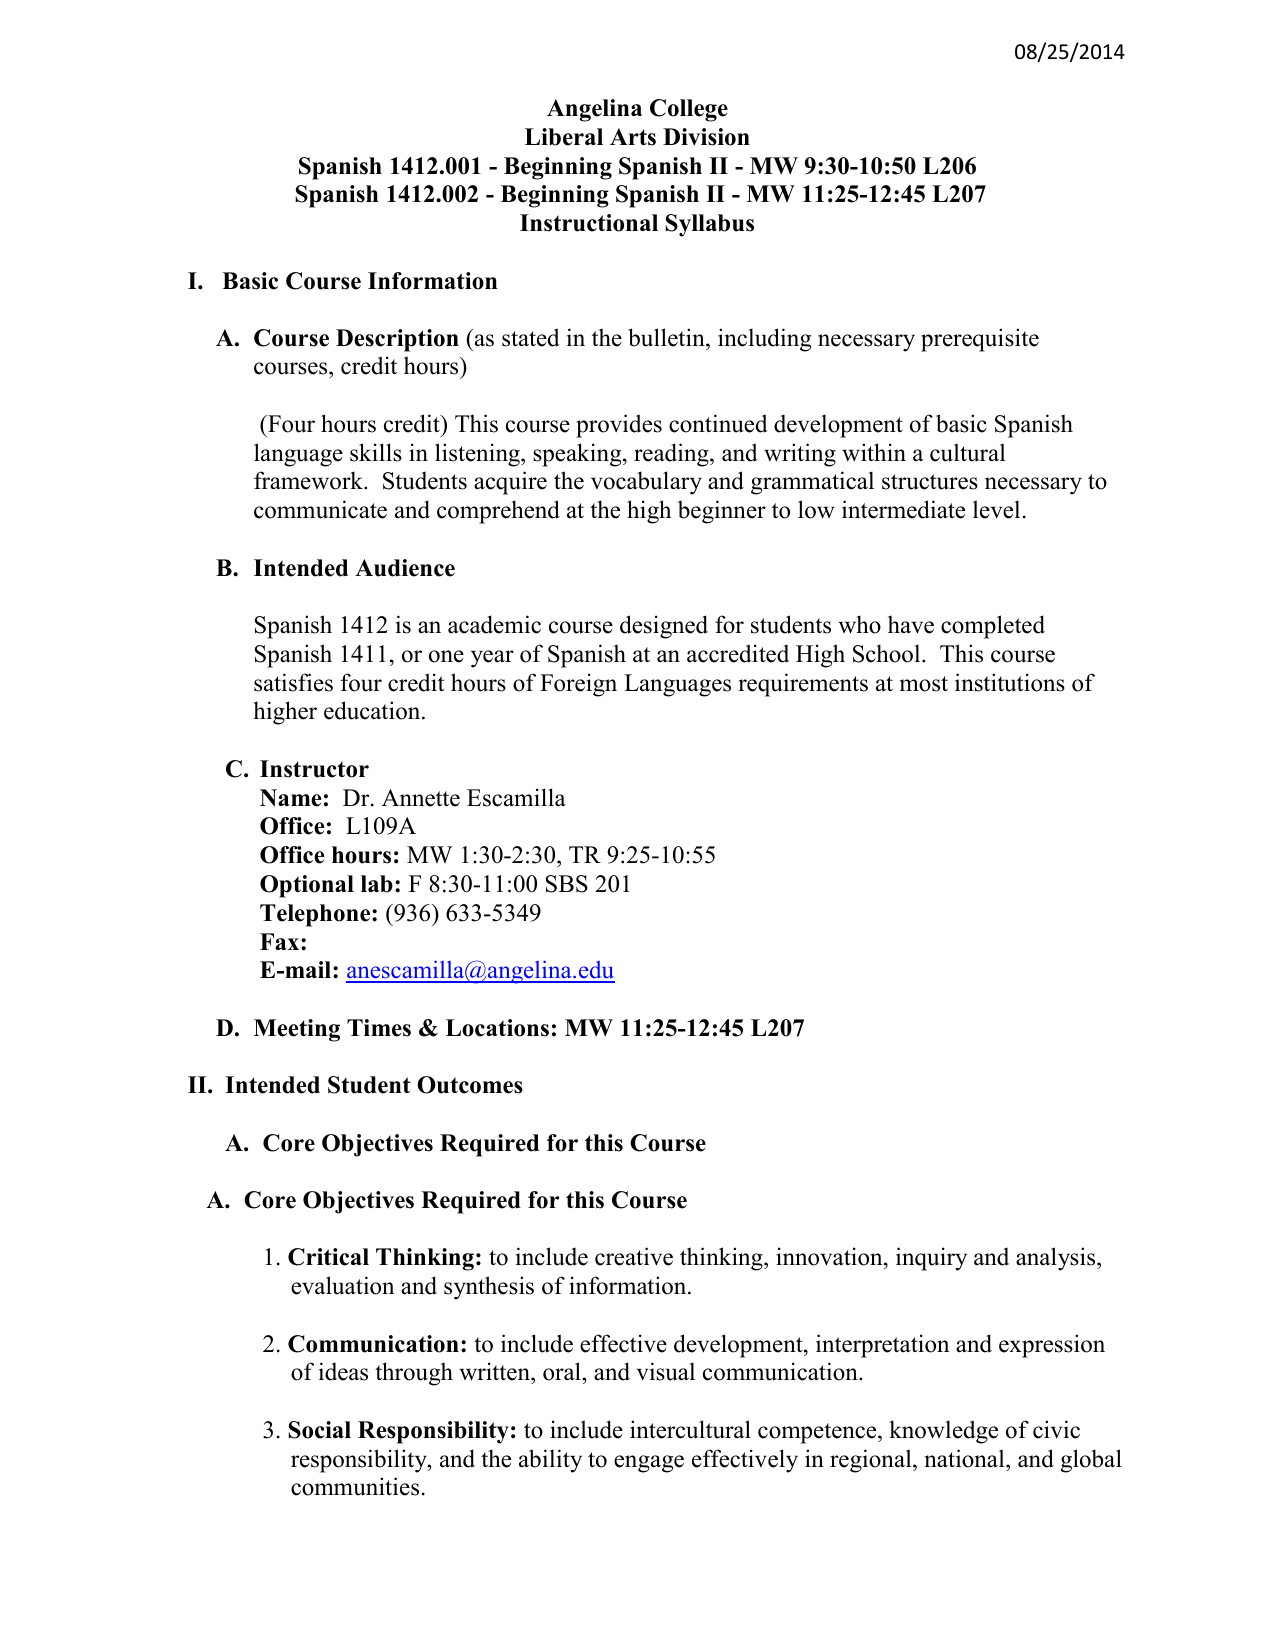 worksheet En El Vecindario Capitulo 2 Worksheet Answers syllabus angelina college